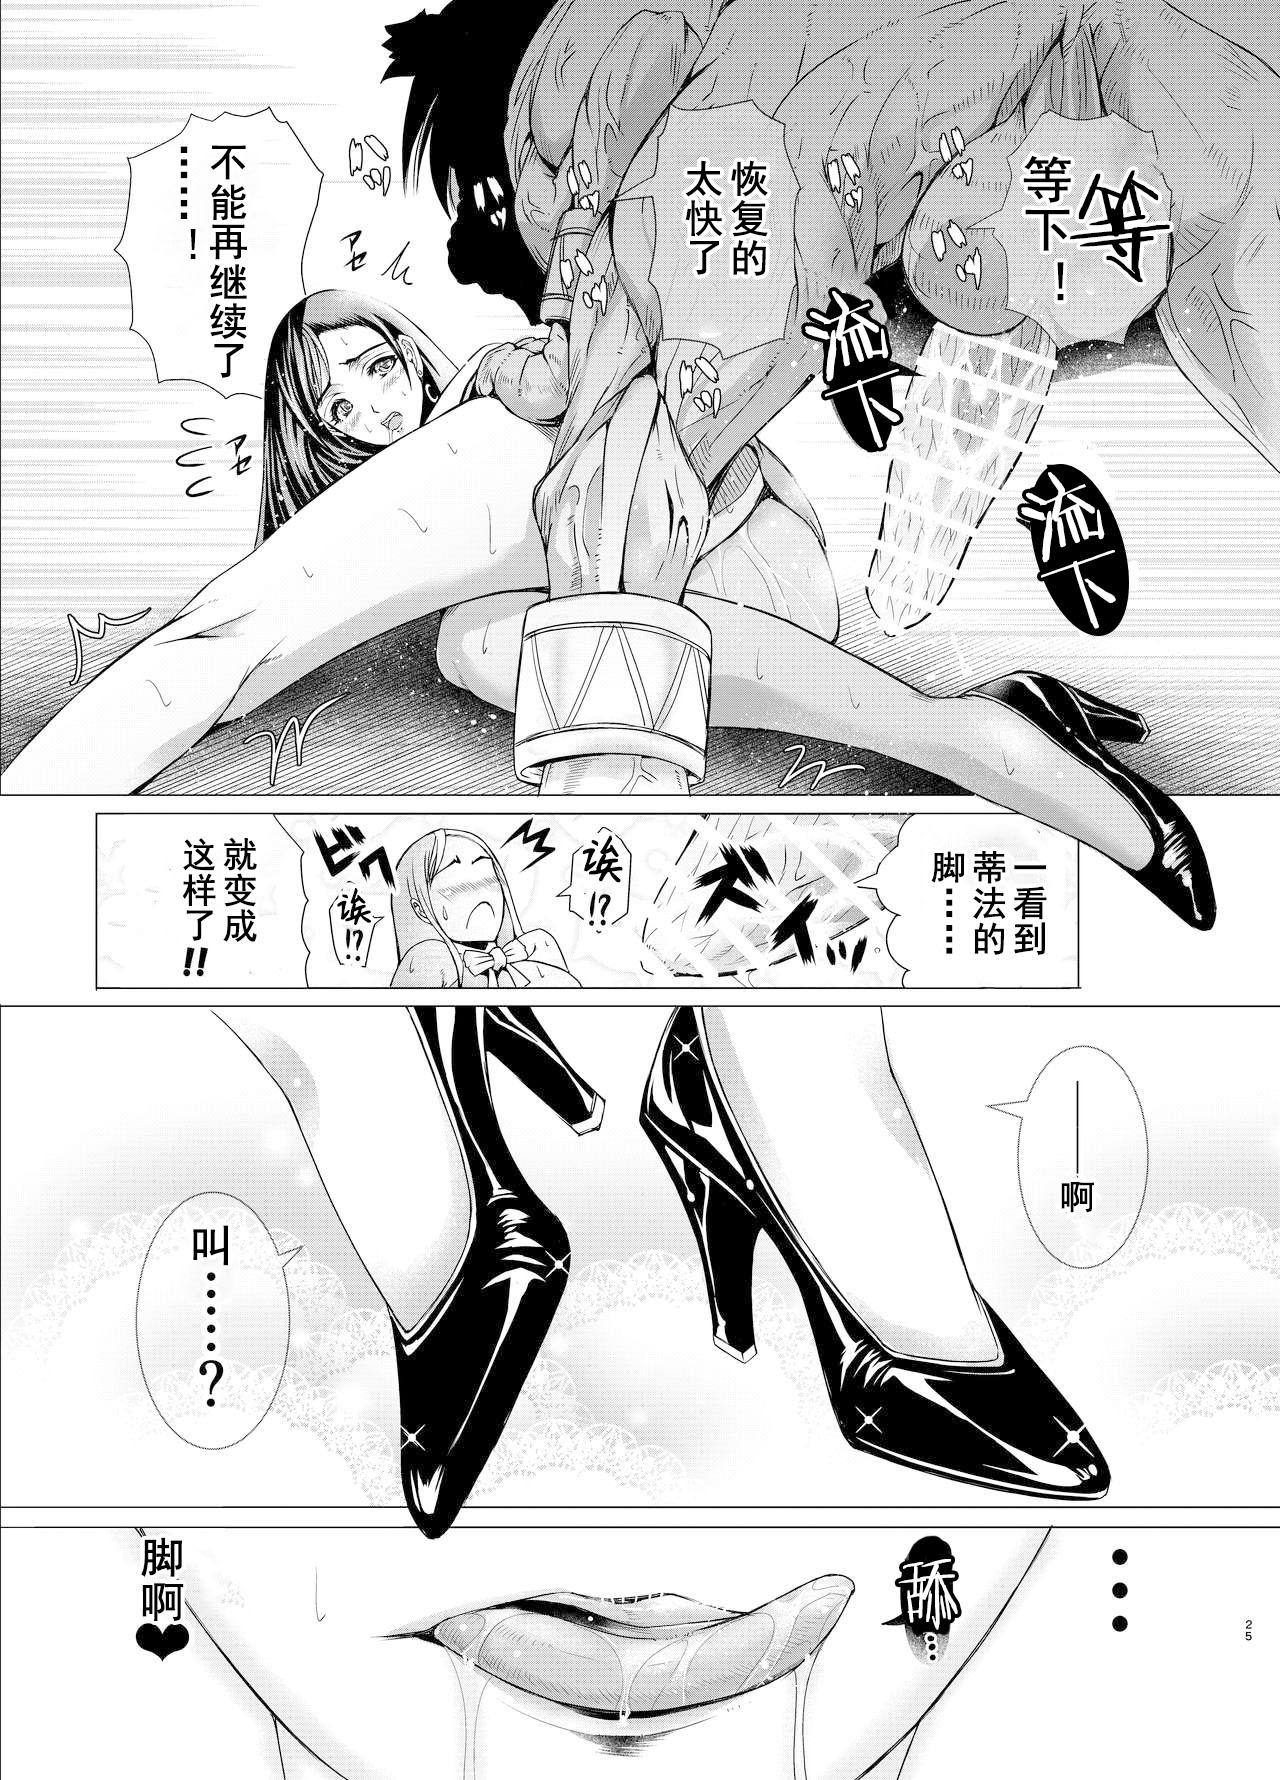 〖中文〗最终野兽 FINAL BEAST 2